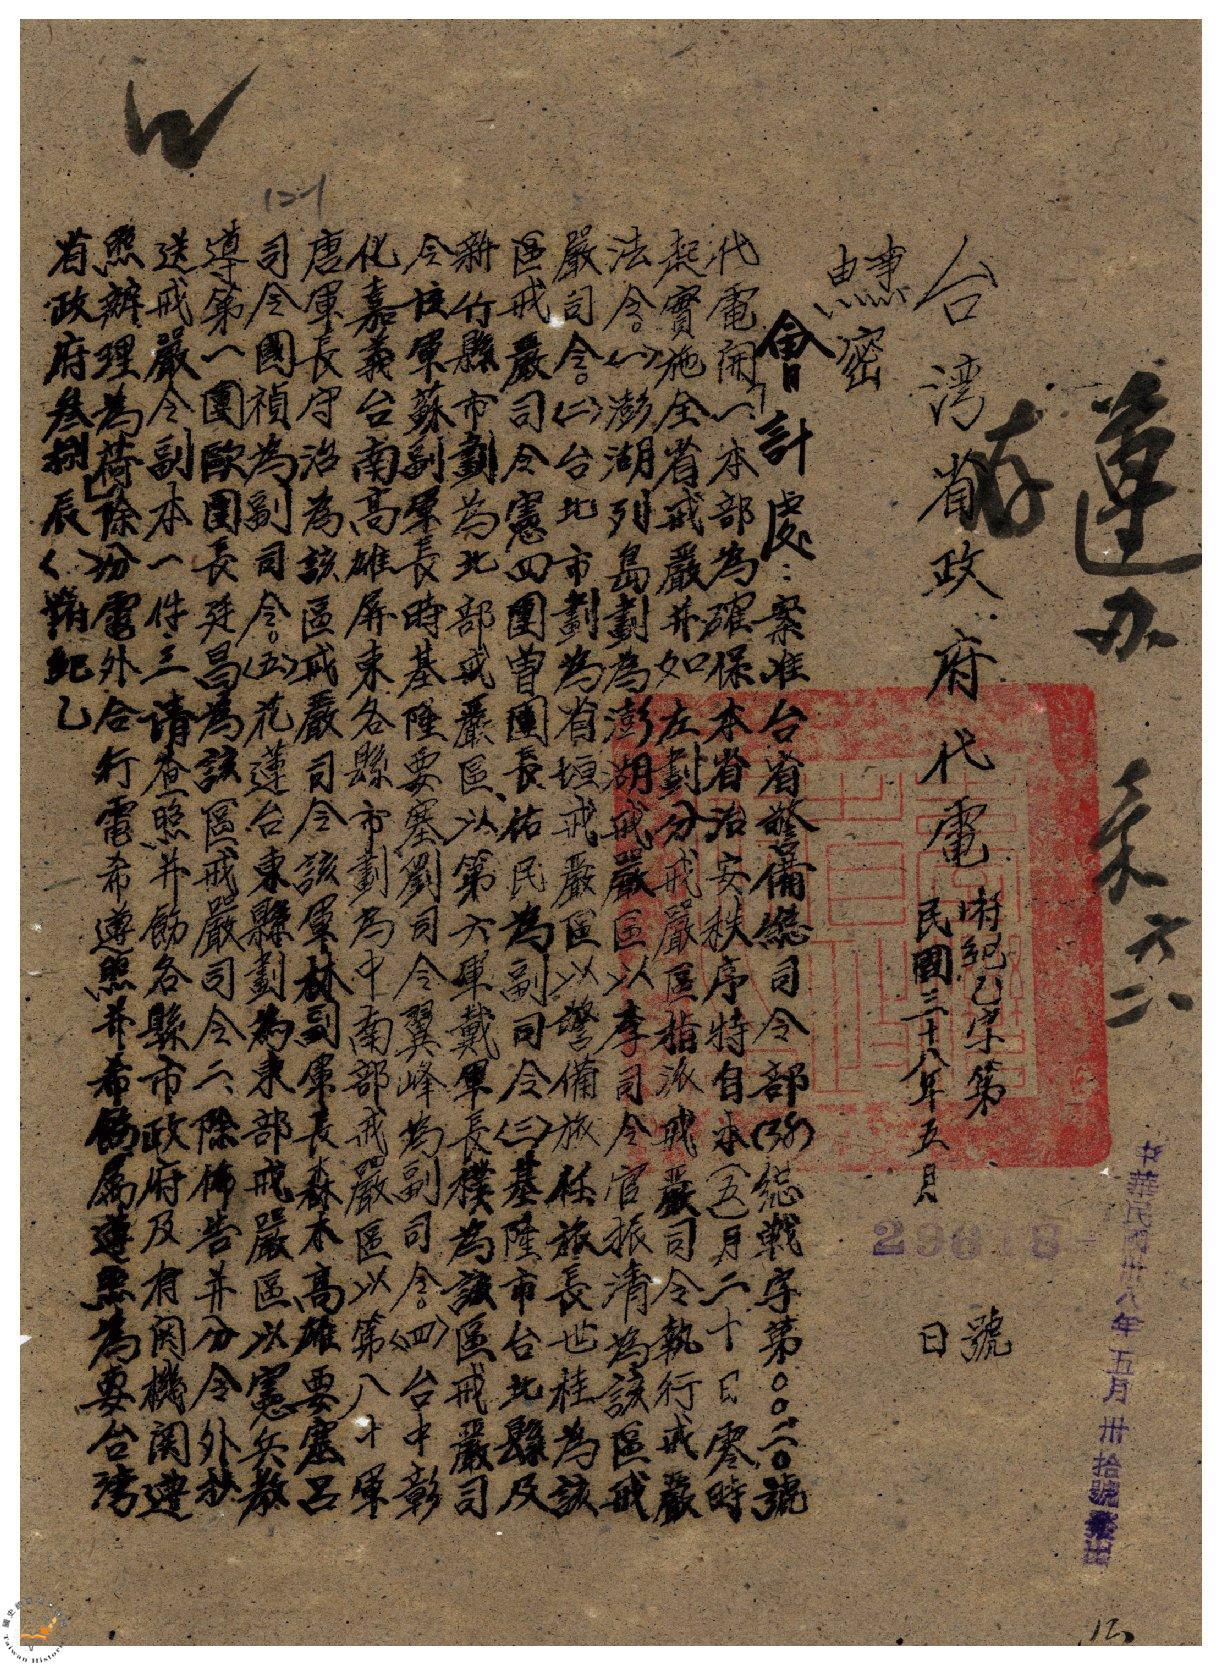 台灣創下世界最長紀錄的戒嚴歷史